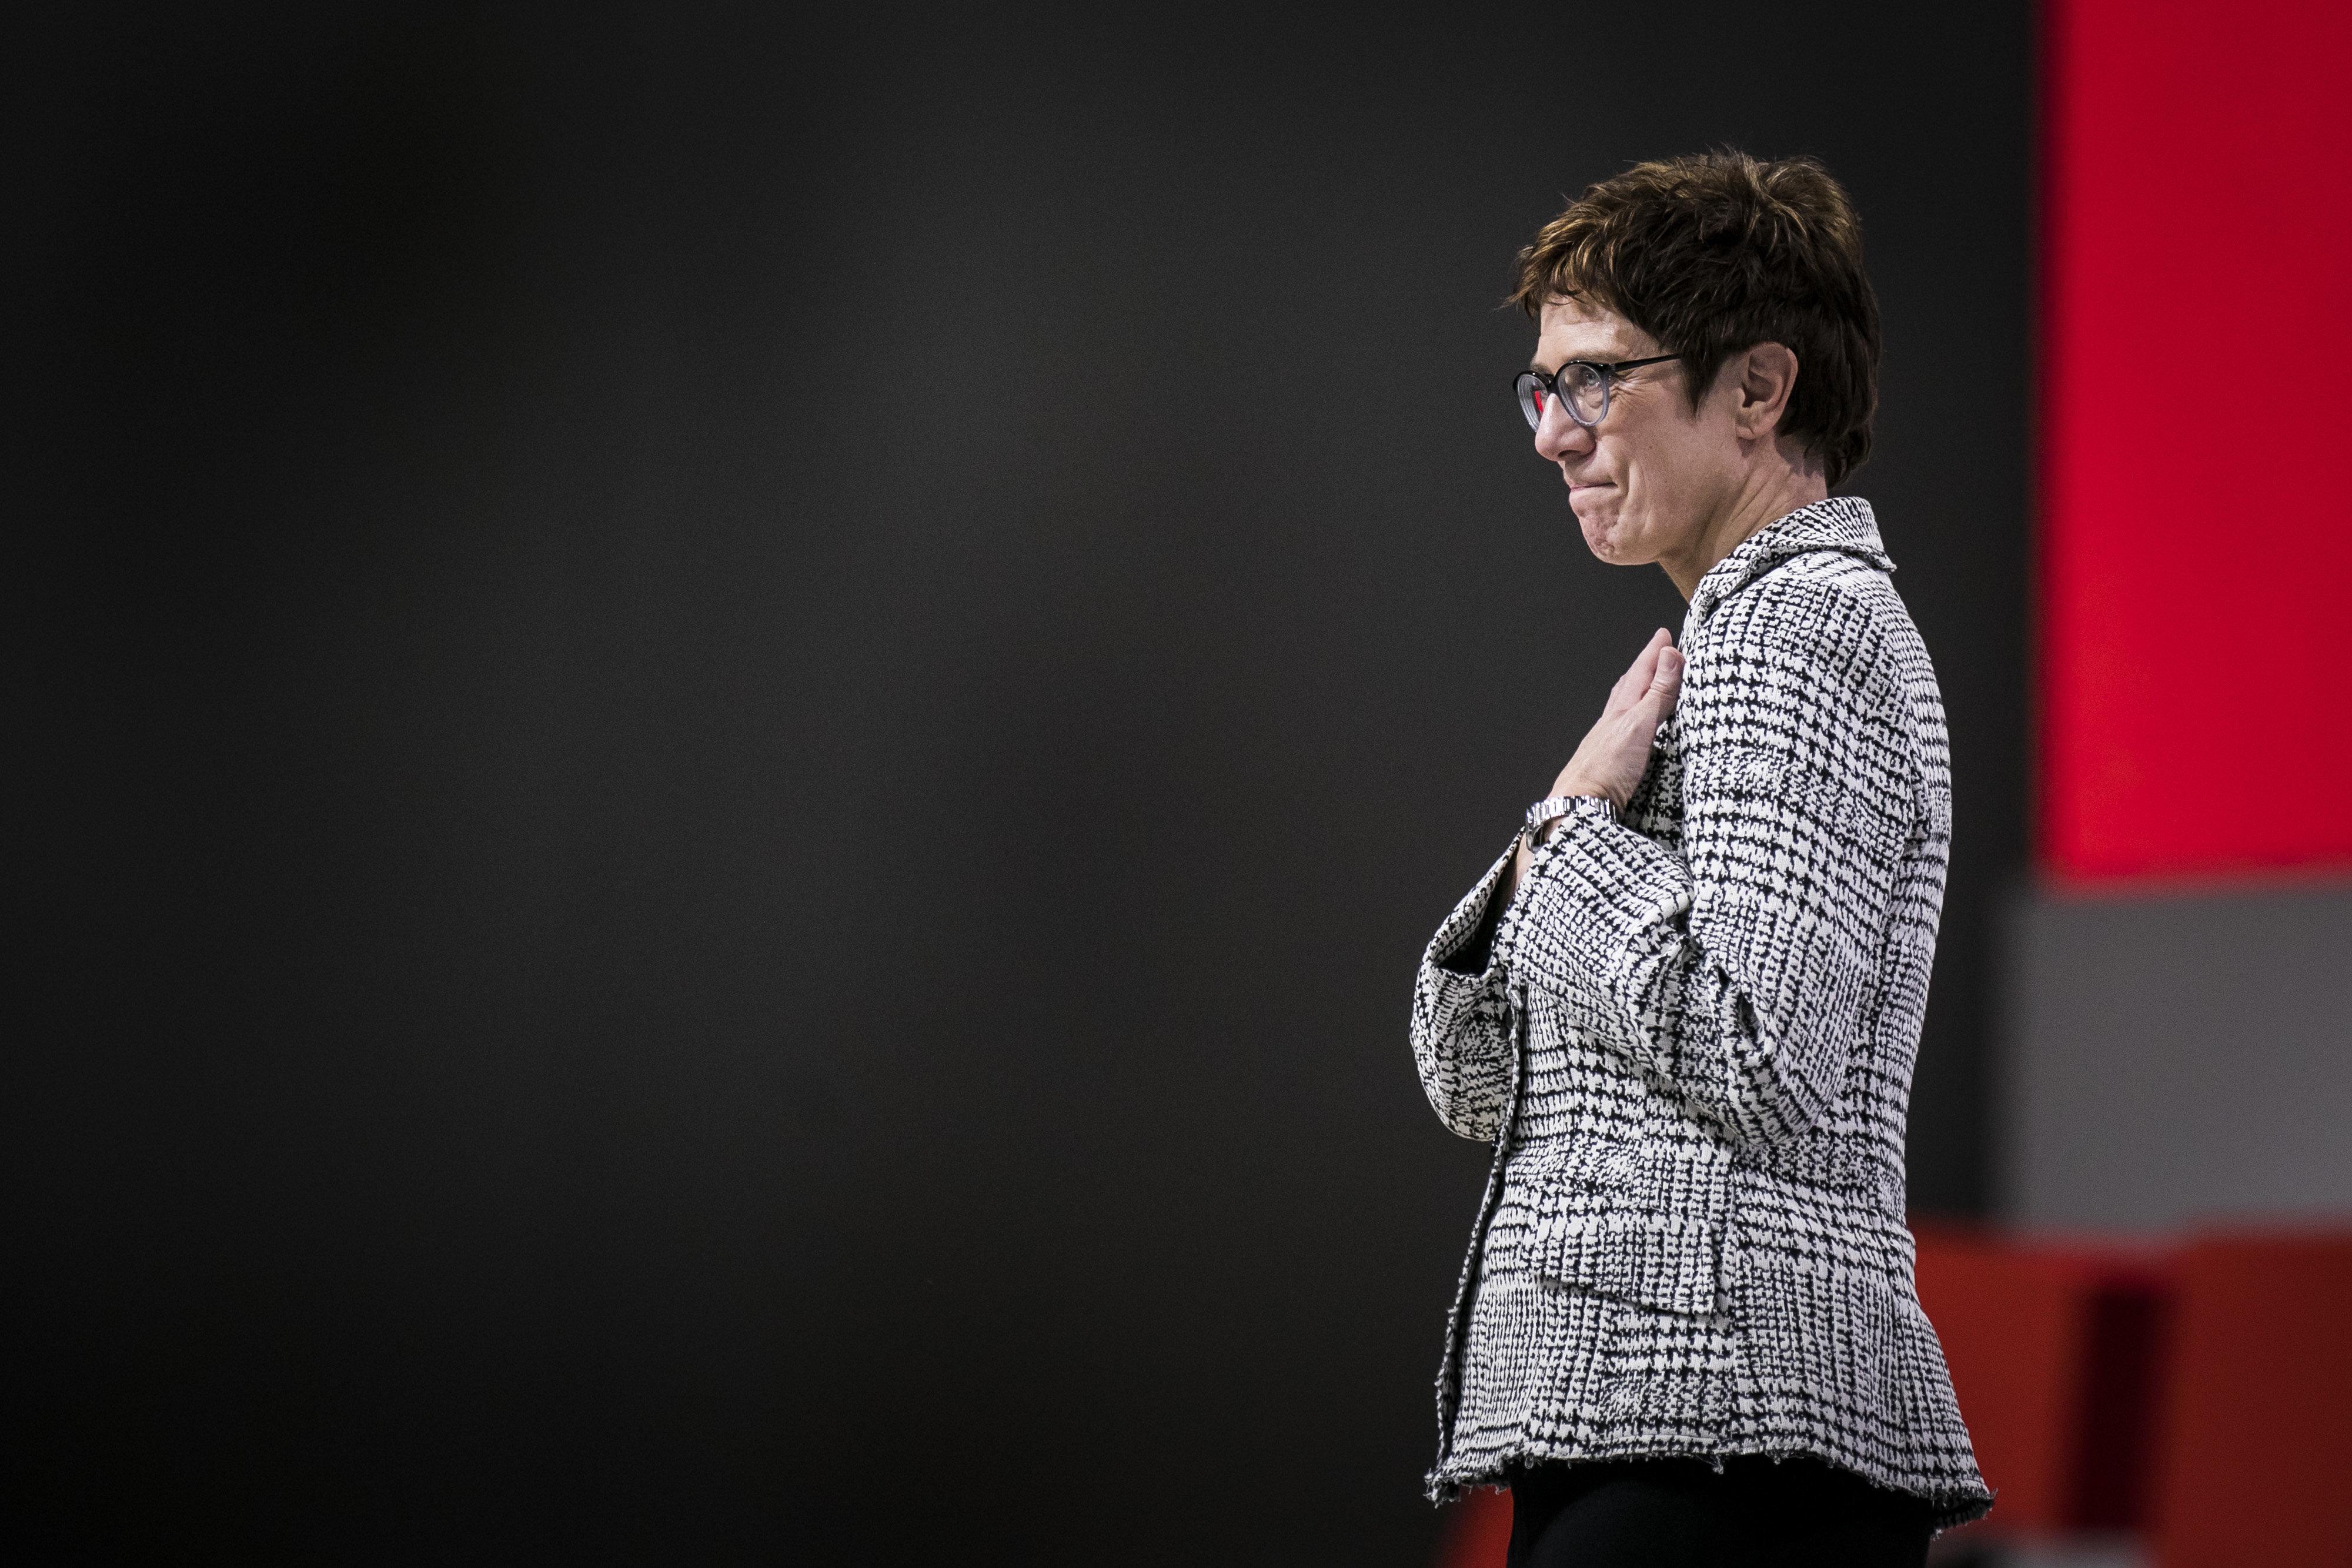 Kramp-Karrenbauer: In ihrer ersten Rede als CDU-Chefin richtet sie einen Appell an ihre